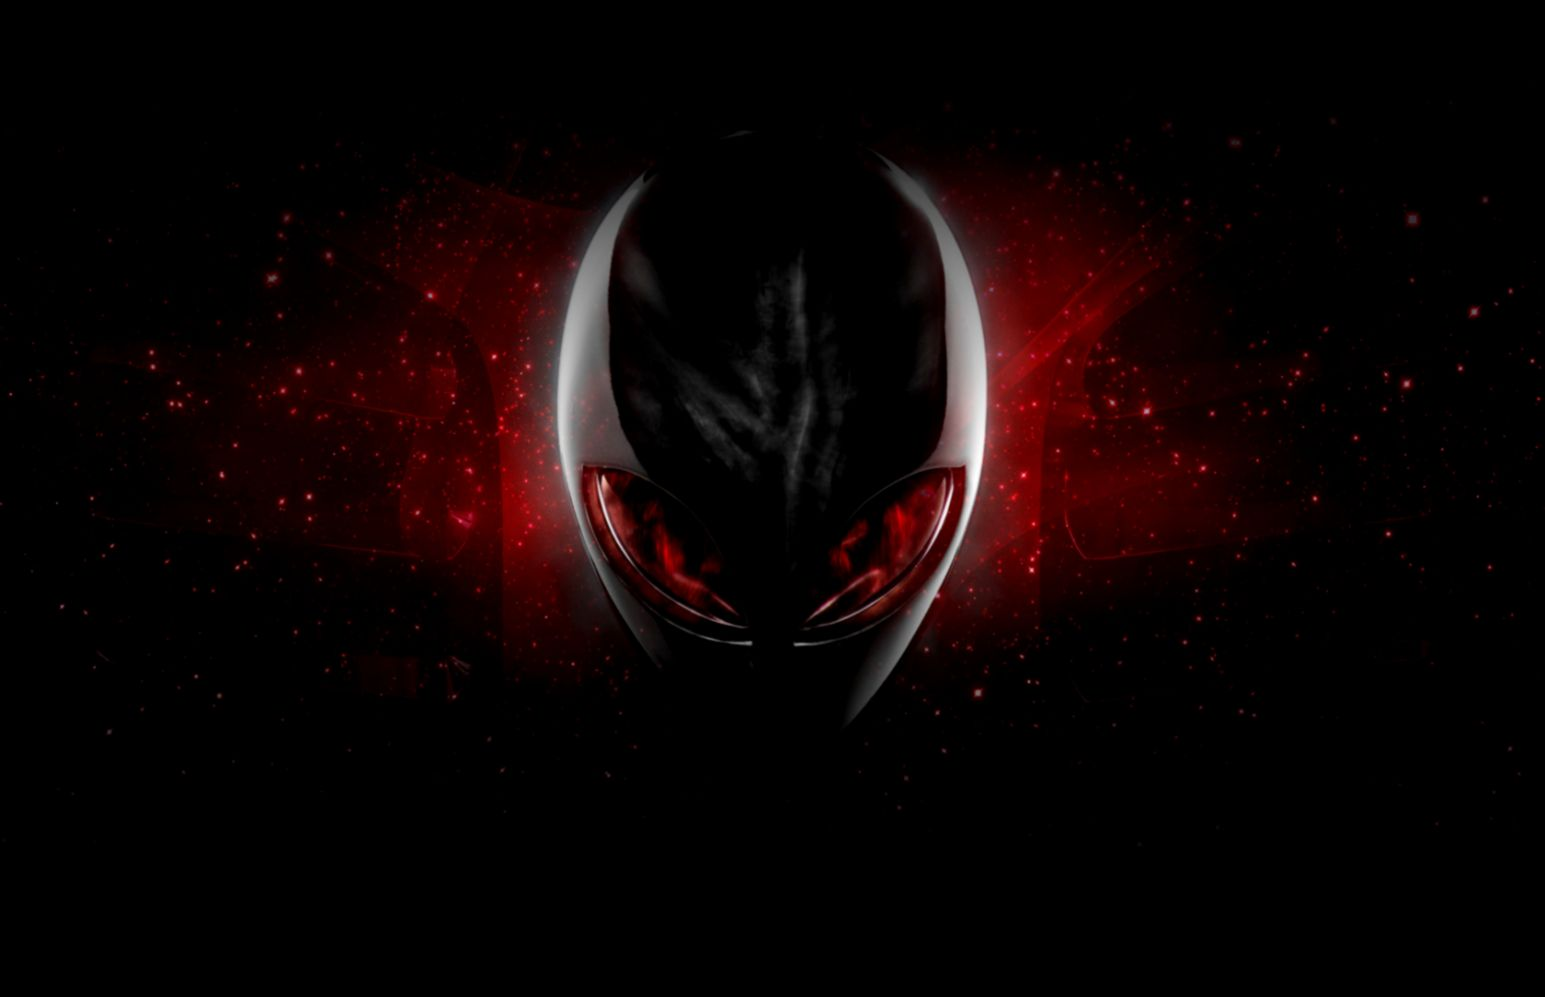 Alienware Theme - download.cnet.com